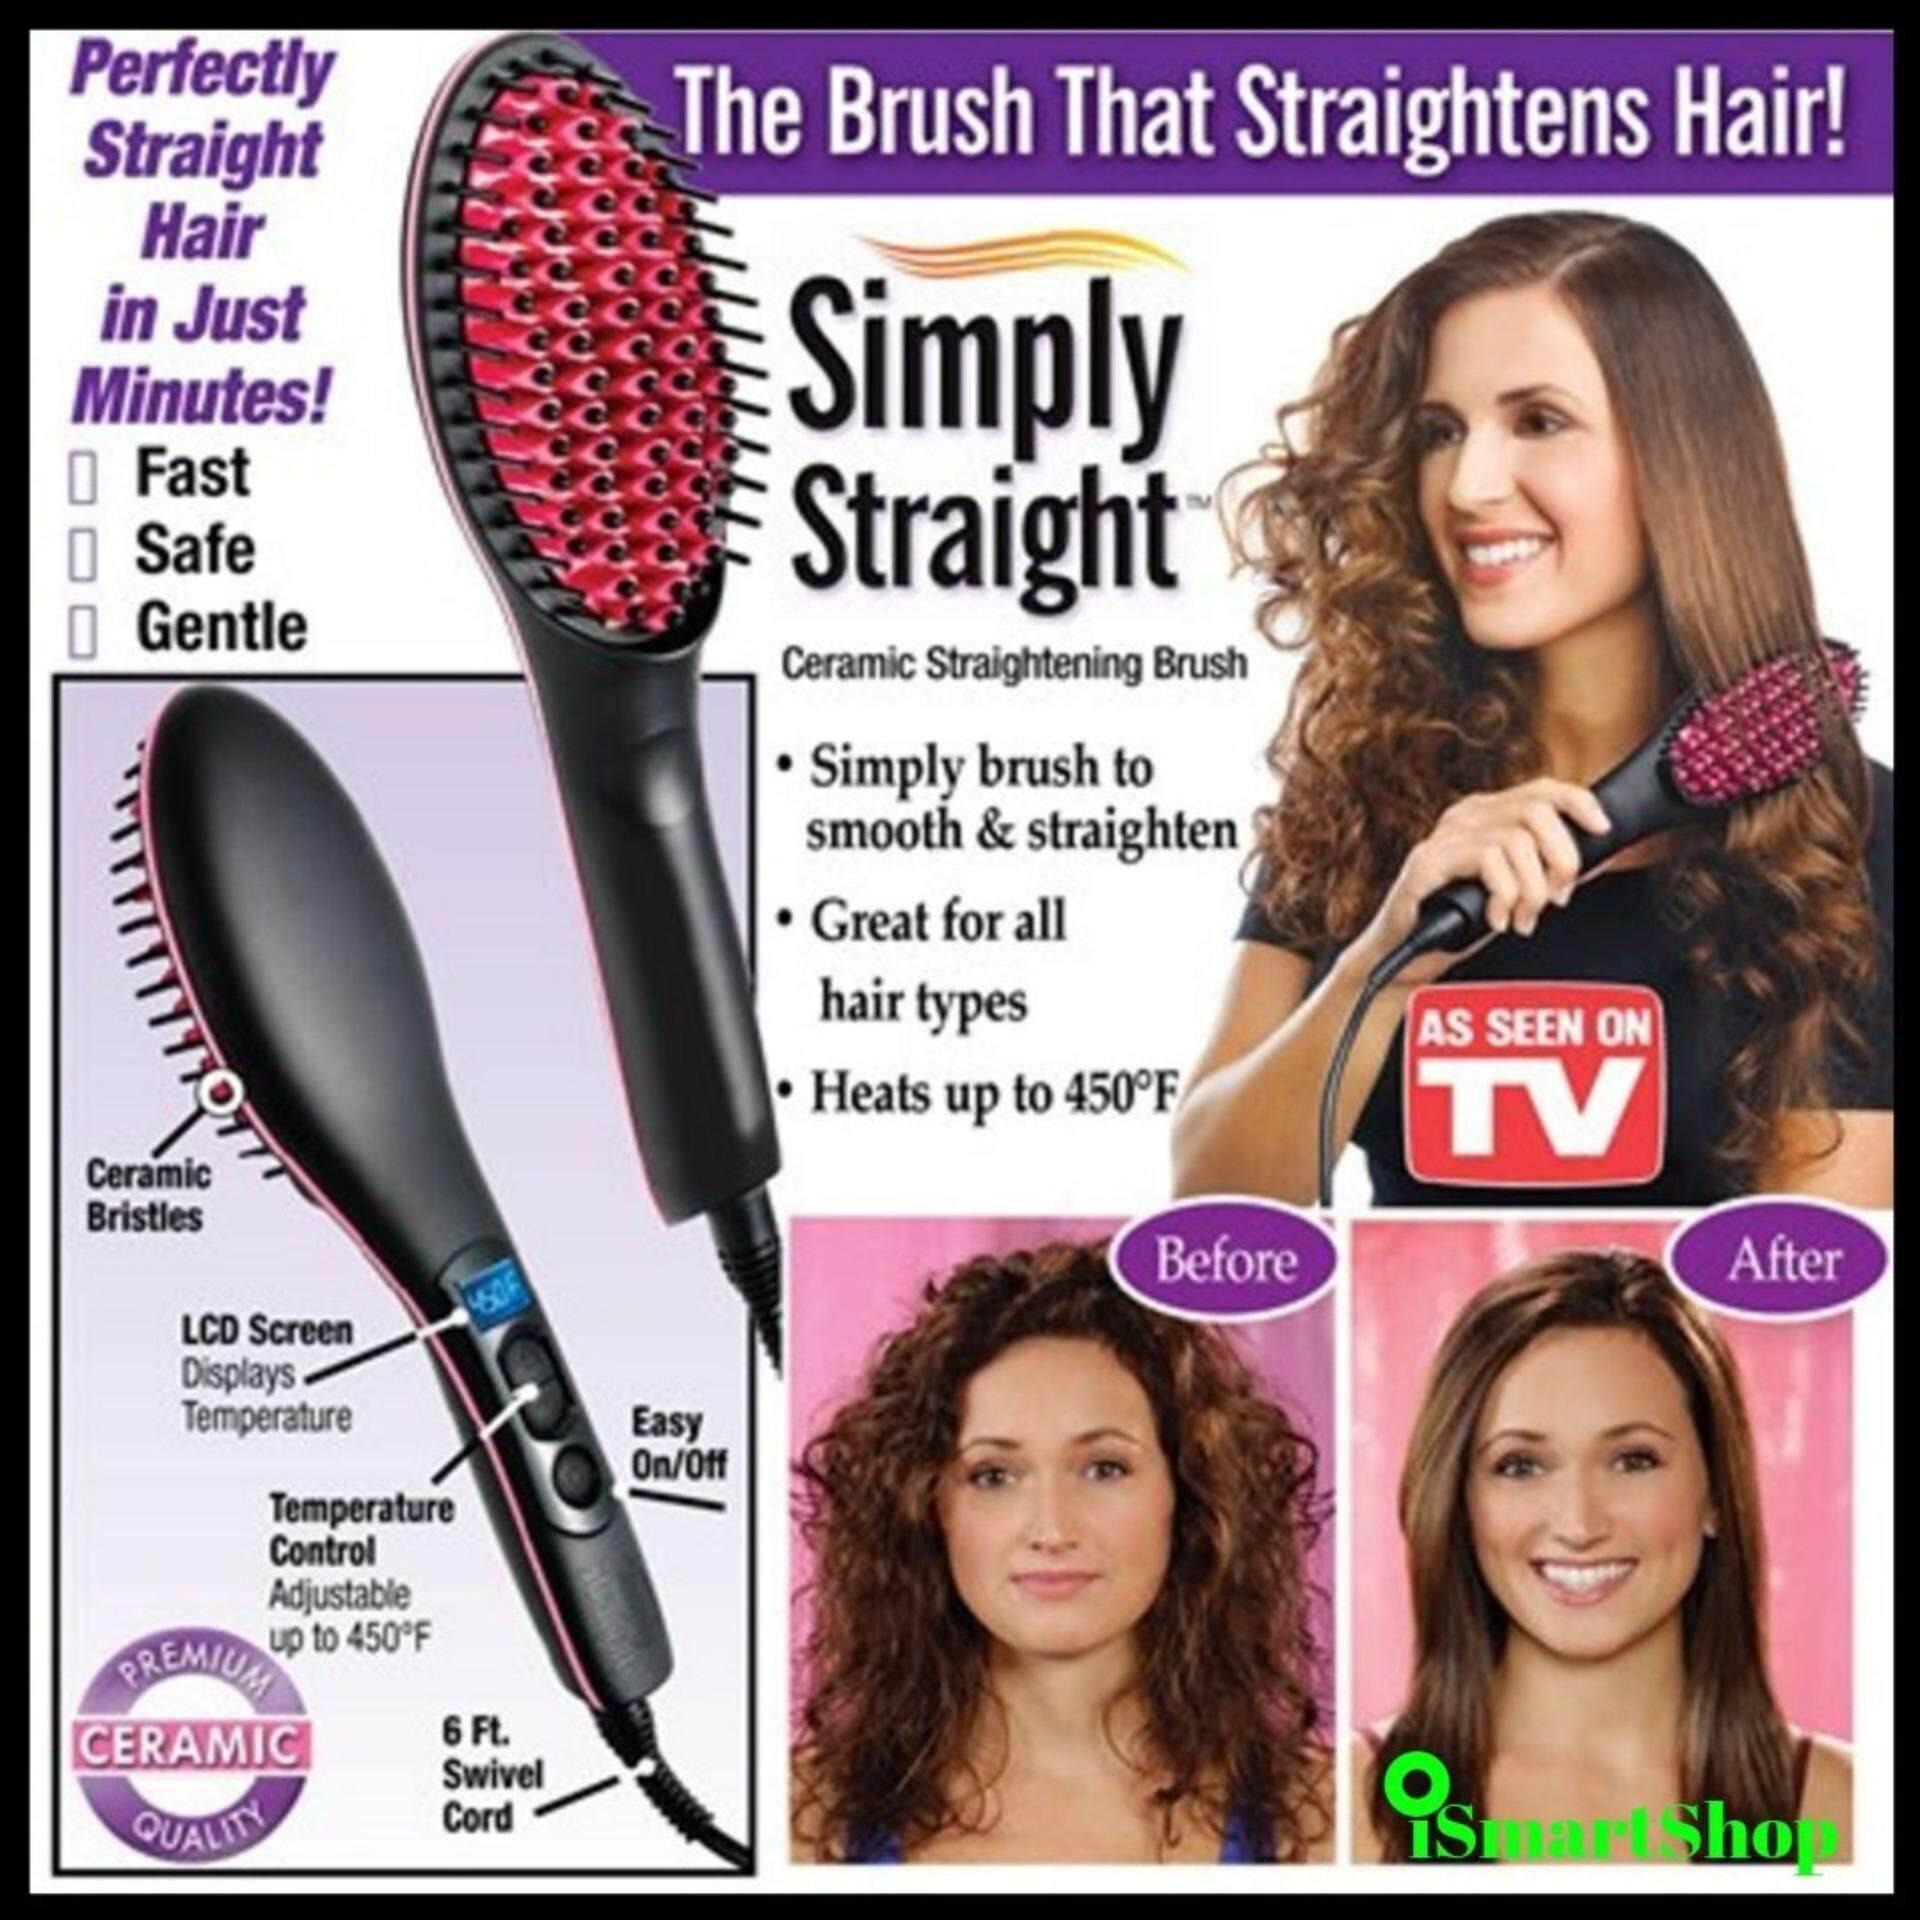 Electric Hair Stretcher Comb หวีไฟฟ้ายืดผมตรงด้วยความร้อน.